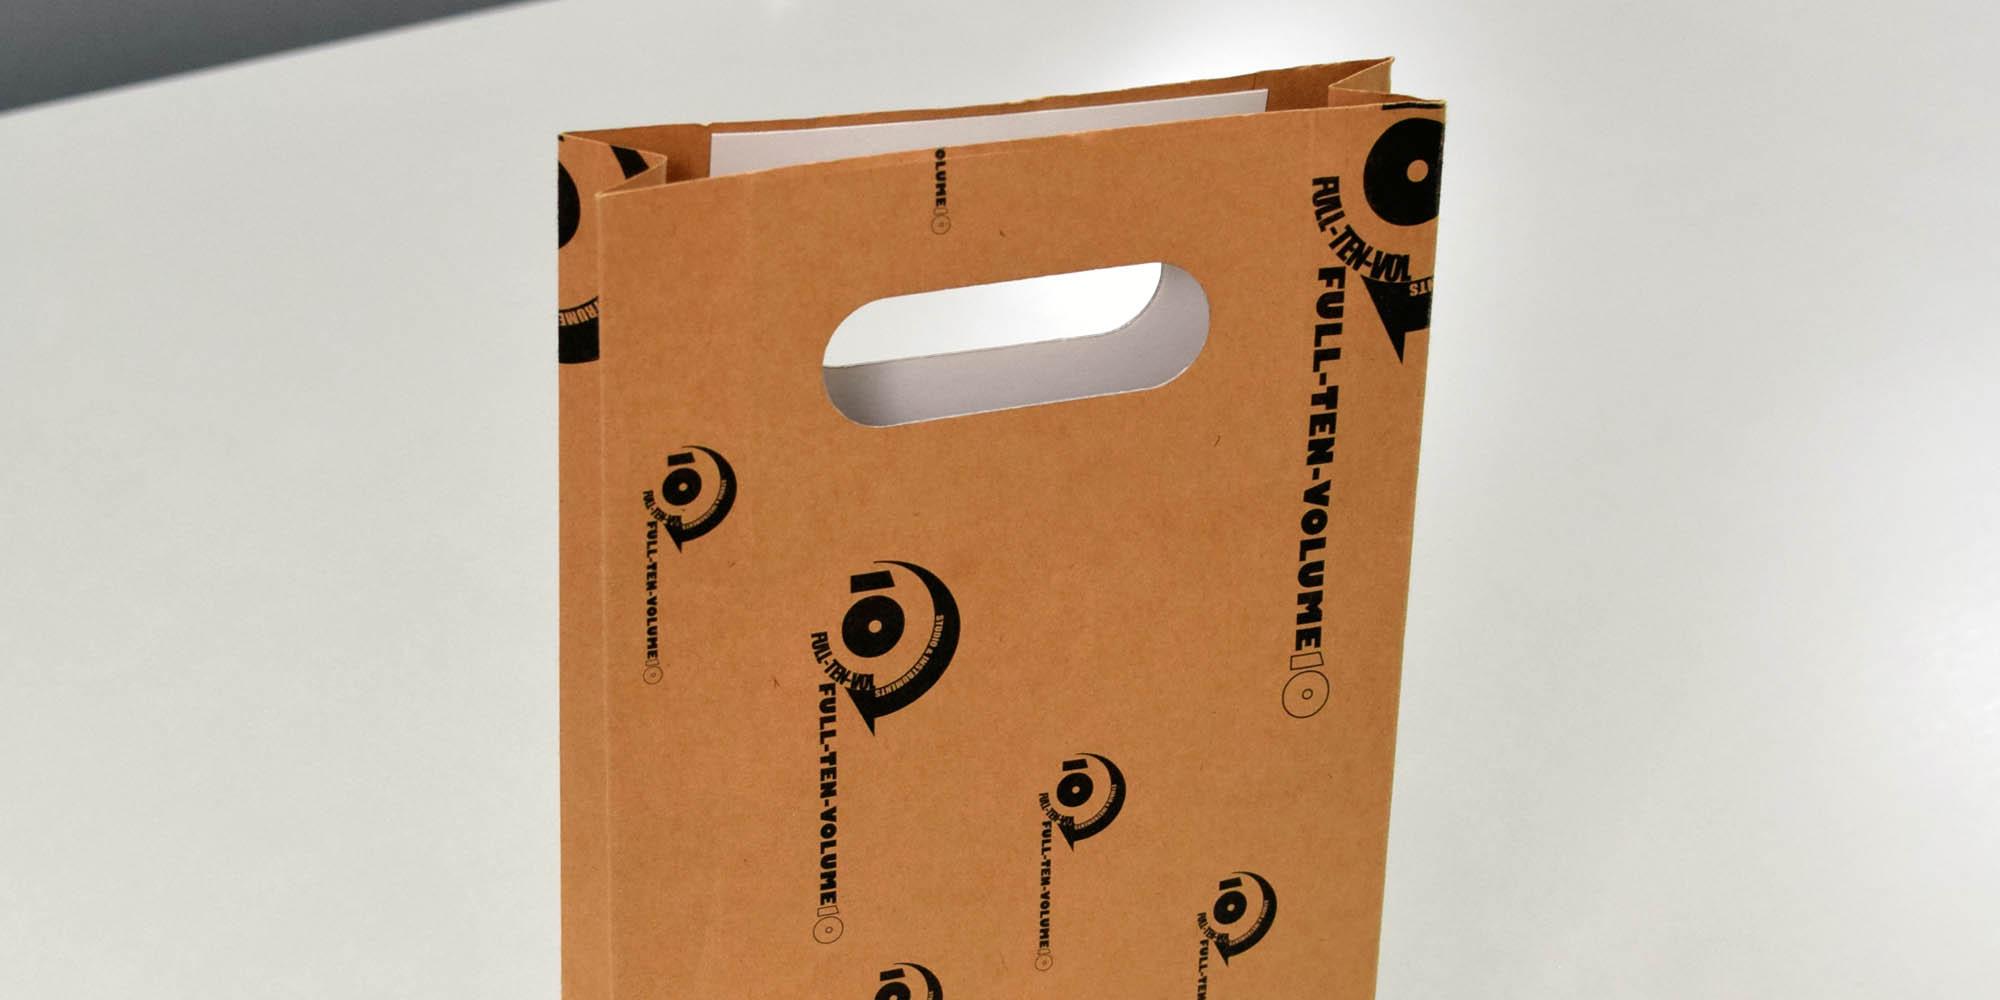 アパレルショップの小型商品持ち帰り用紙袋。珍しい小判穴の持ち手でレトロな仕上がり。